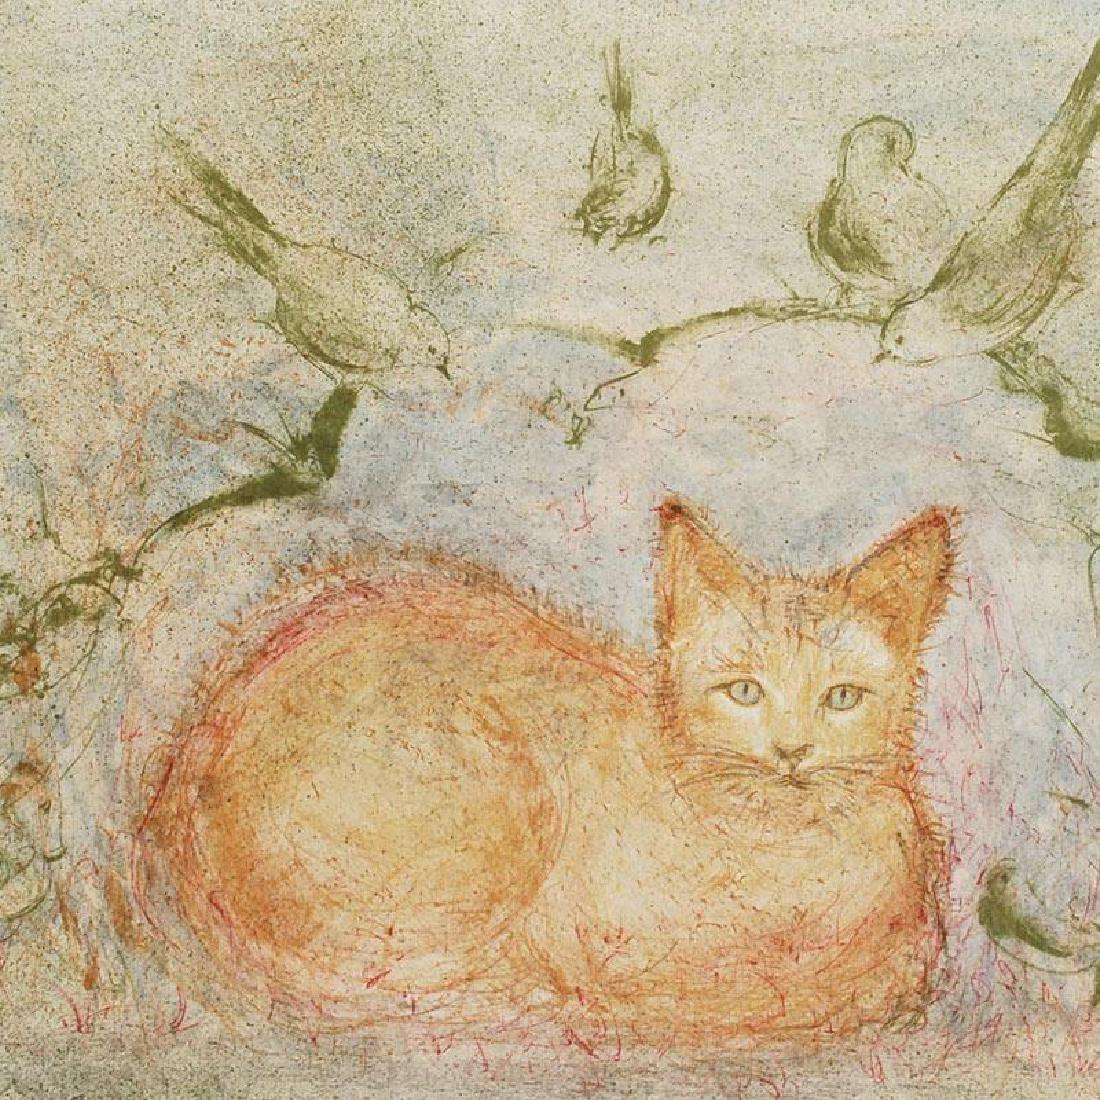 Pumbit the Cat by Hibel (1917-2014) - 2